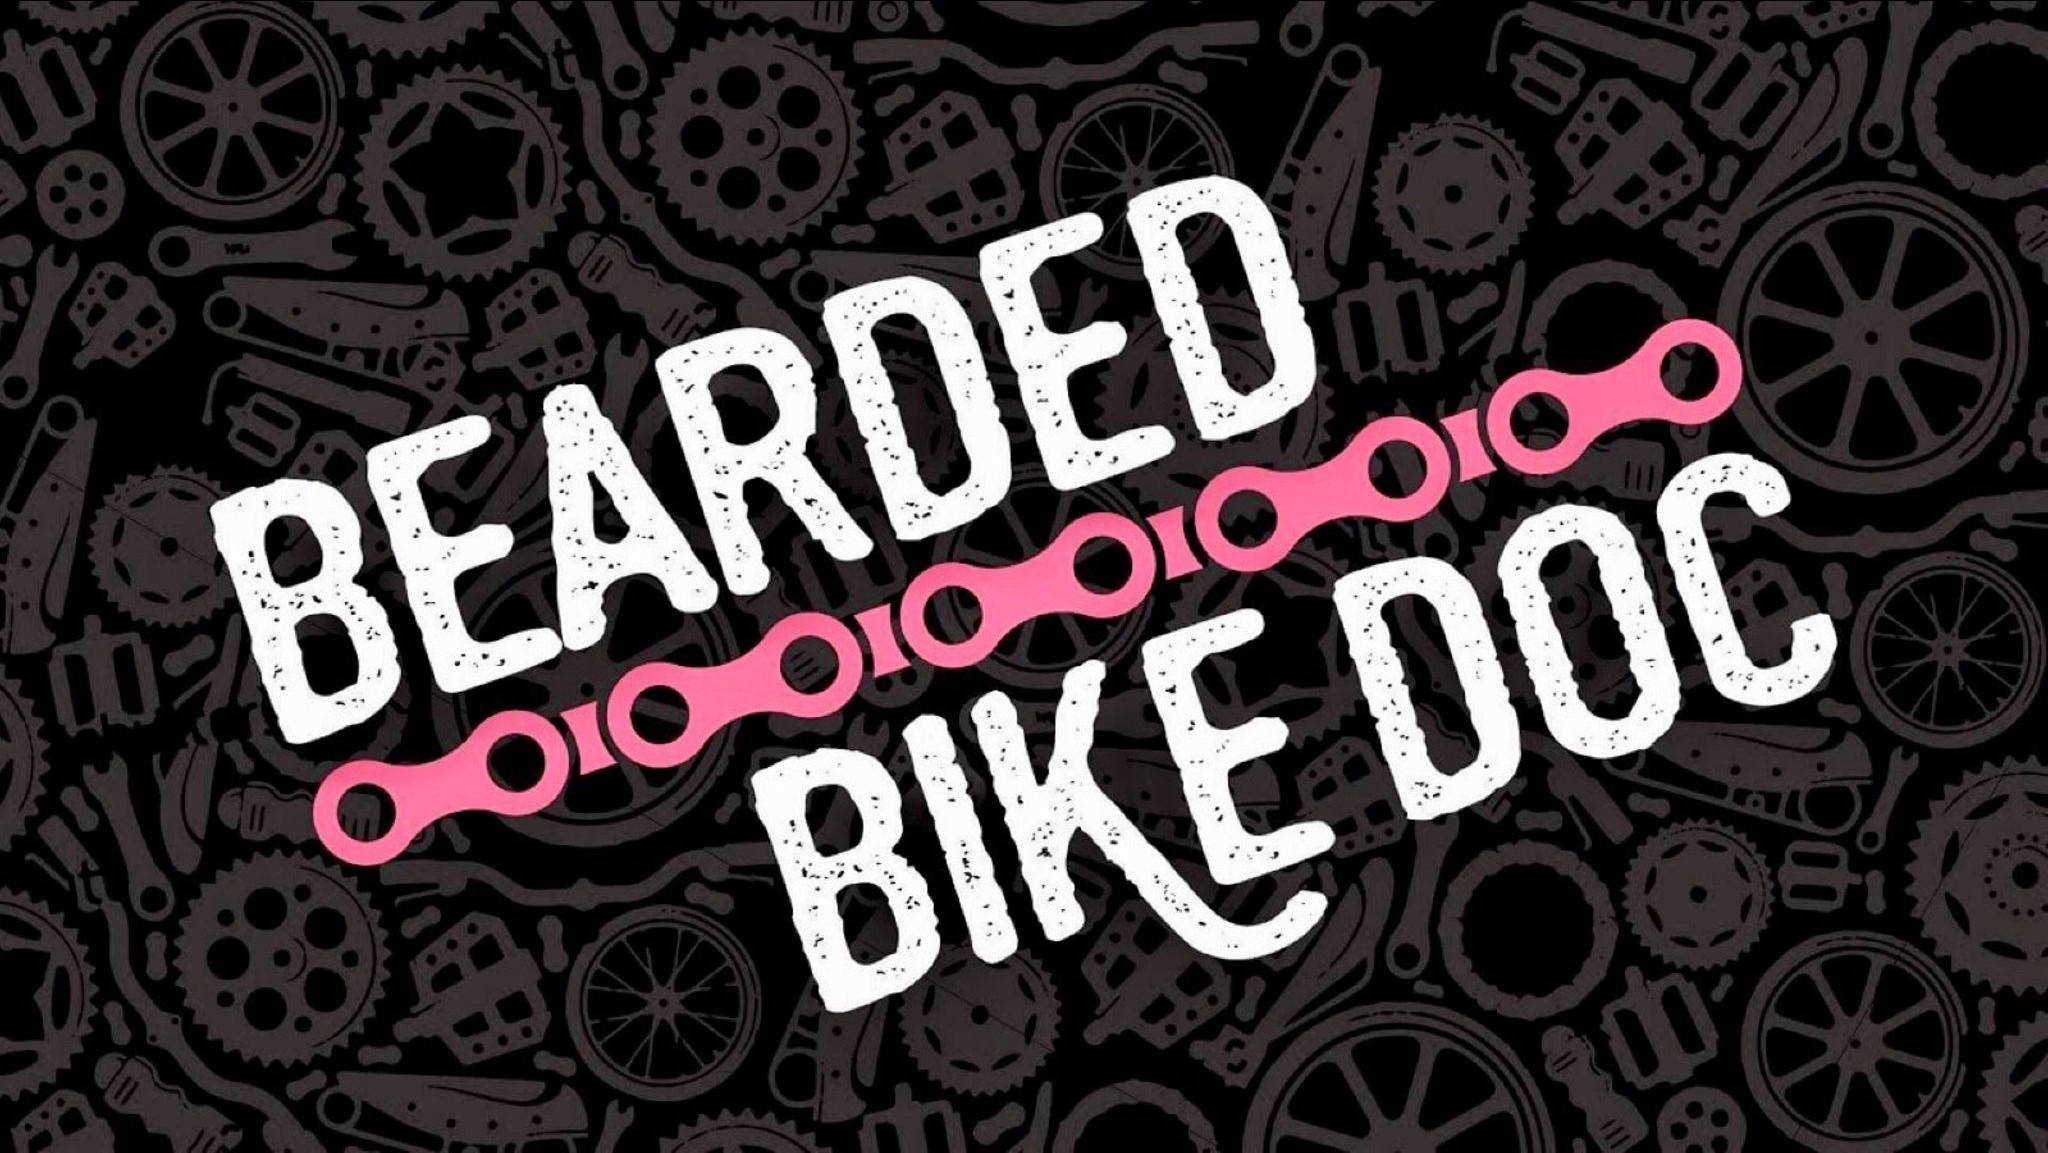 Bearded Bike Doc